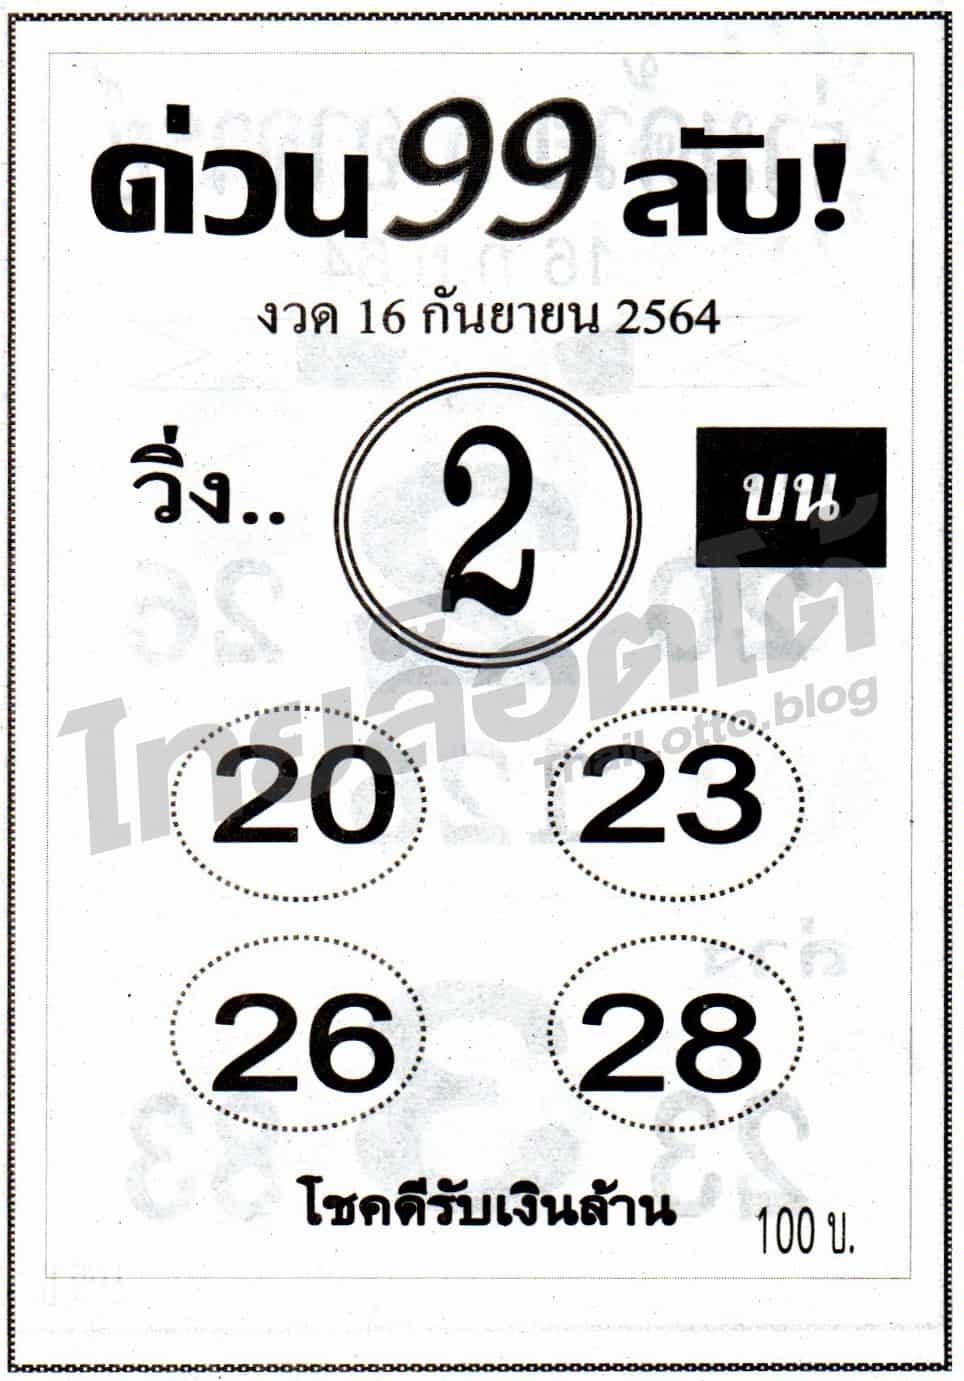 หวยซอง หวยด่วน99ลับ-160964